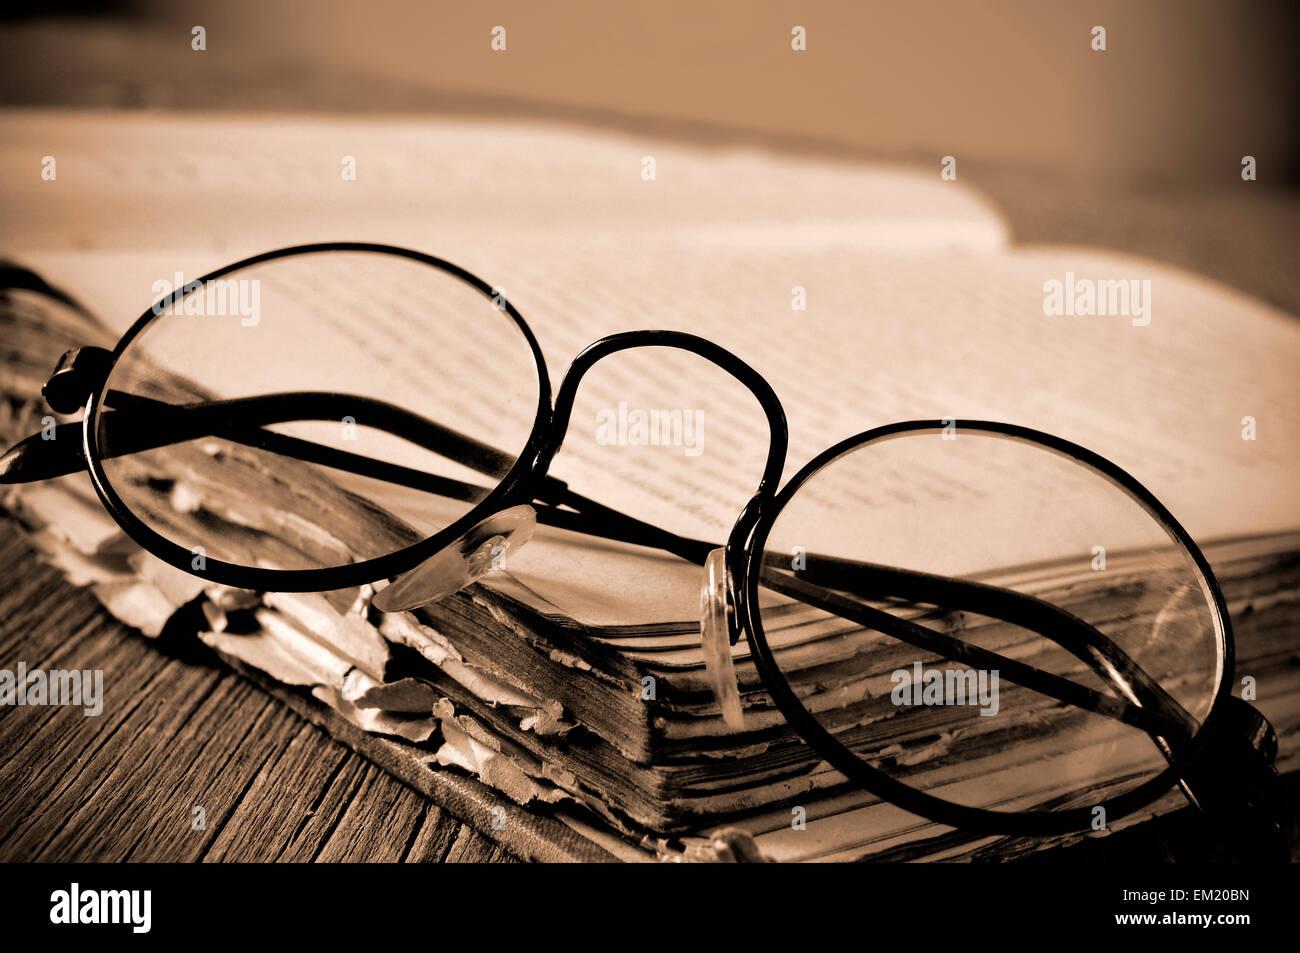 ein paar Runde-gerahmte Brille auf einem alten Buch, auf einem ...